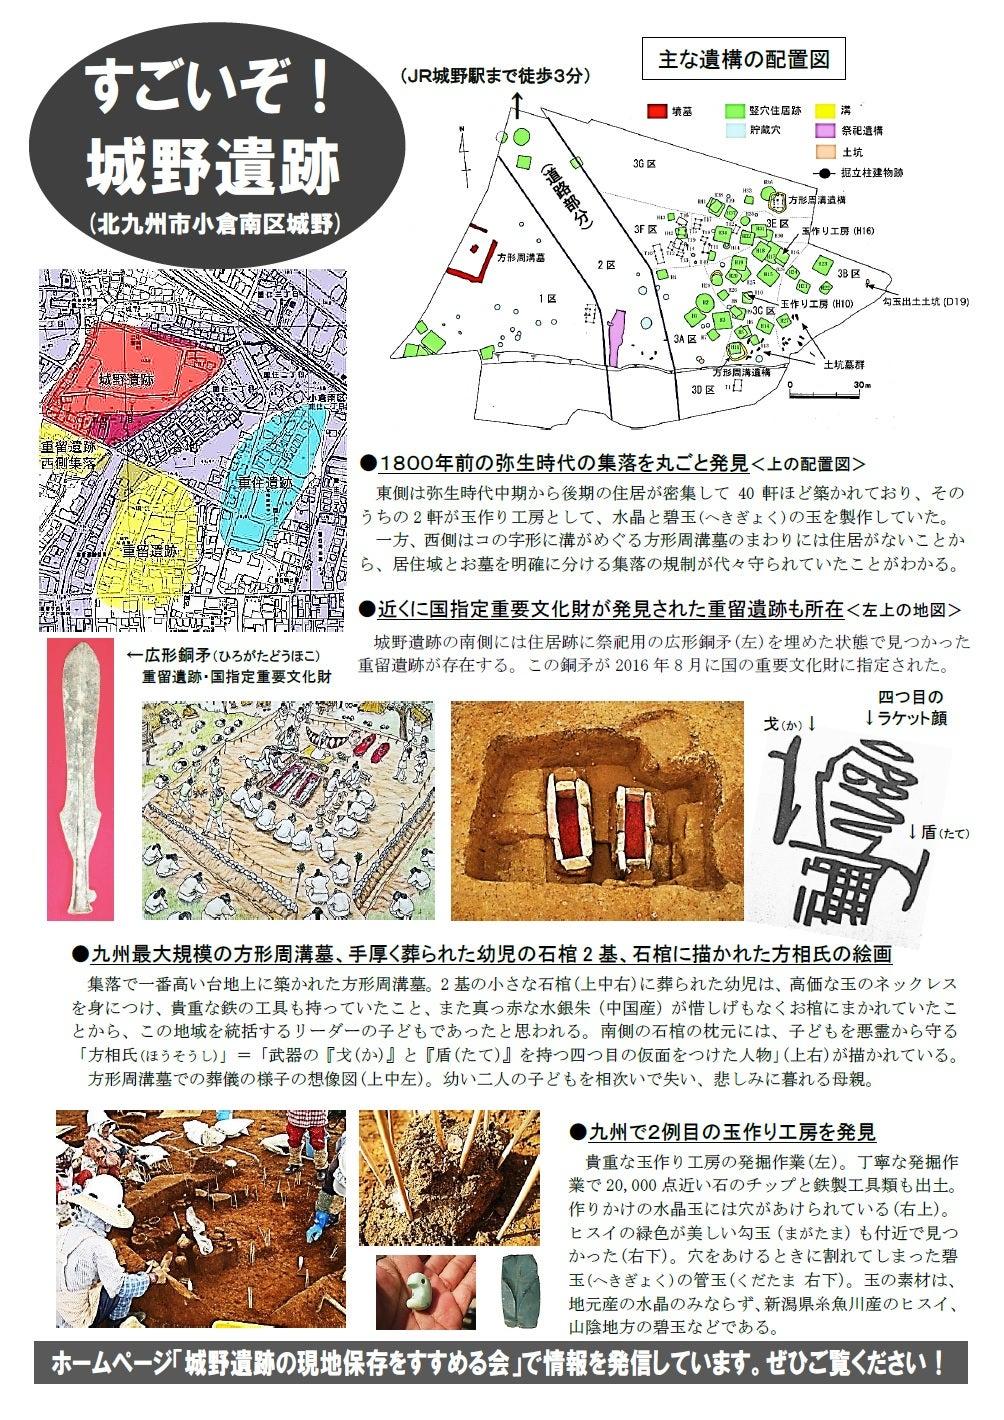 「城野遺跡公園の実現」を求めて陳情署名を提出しました!の記事より